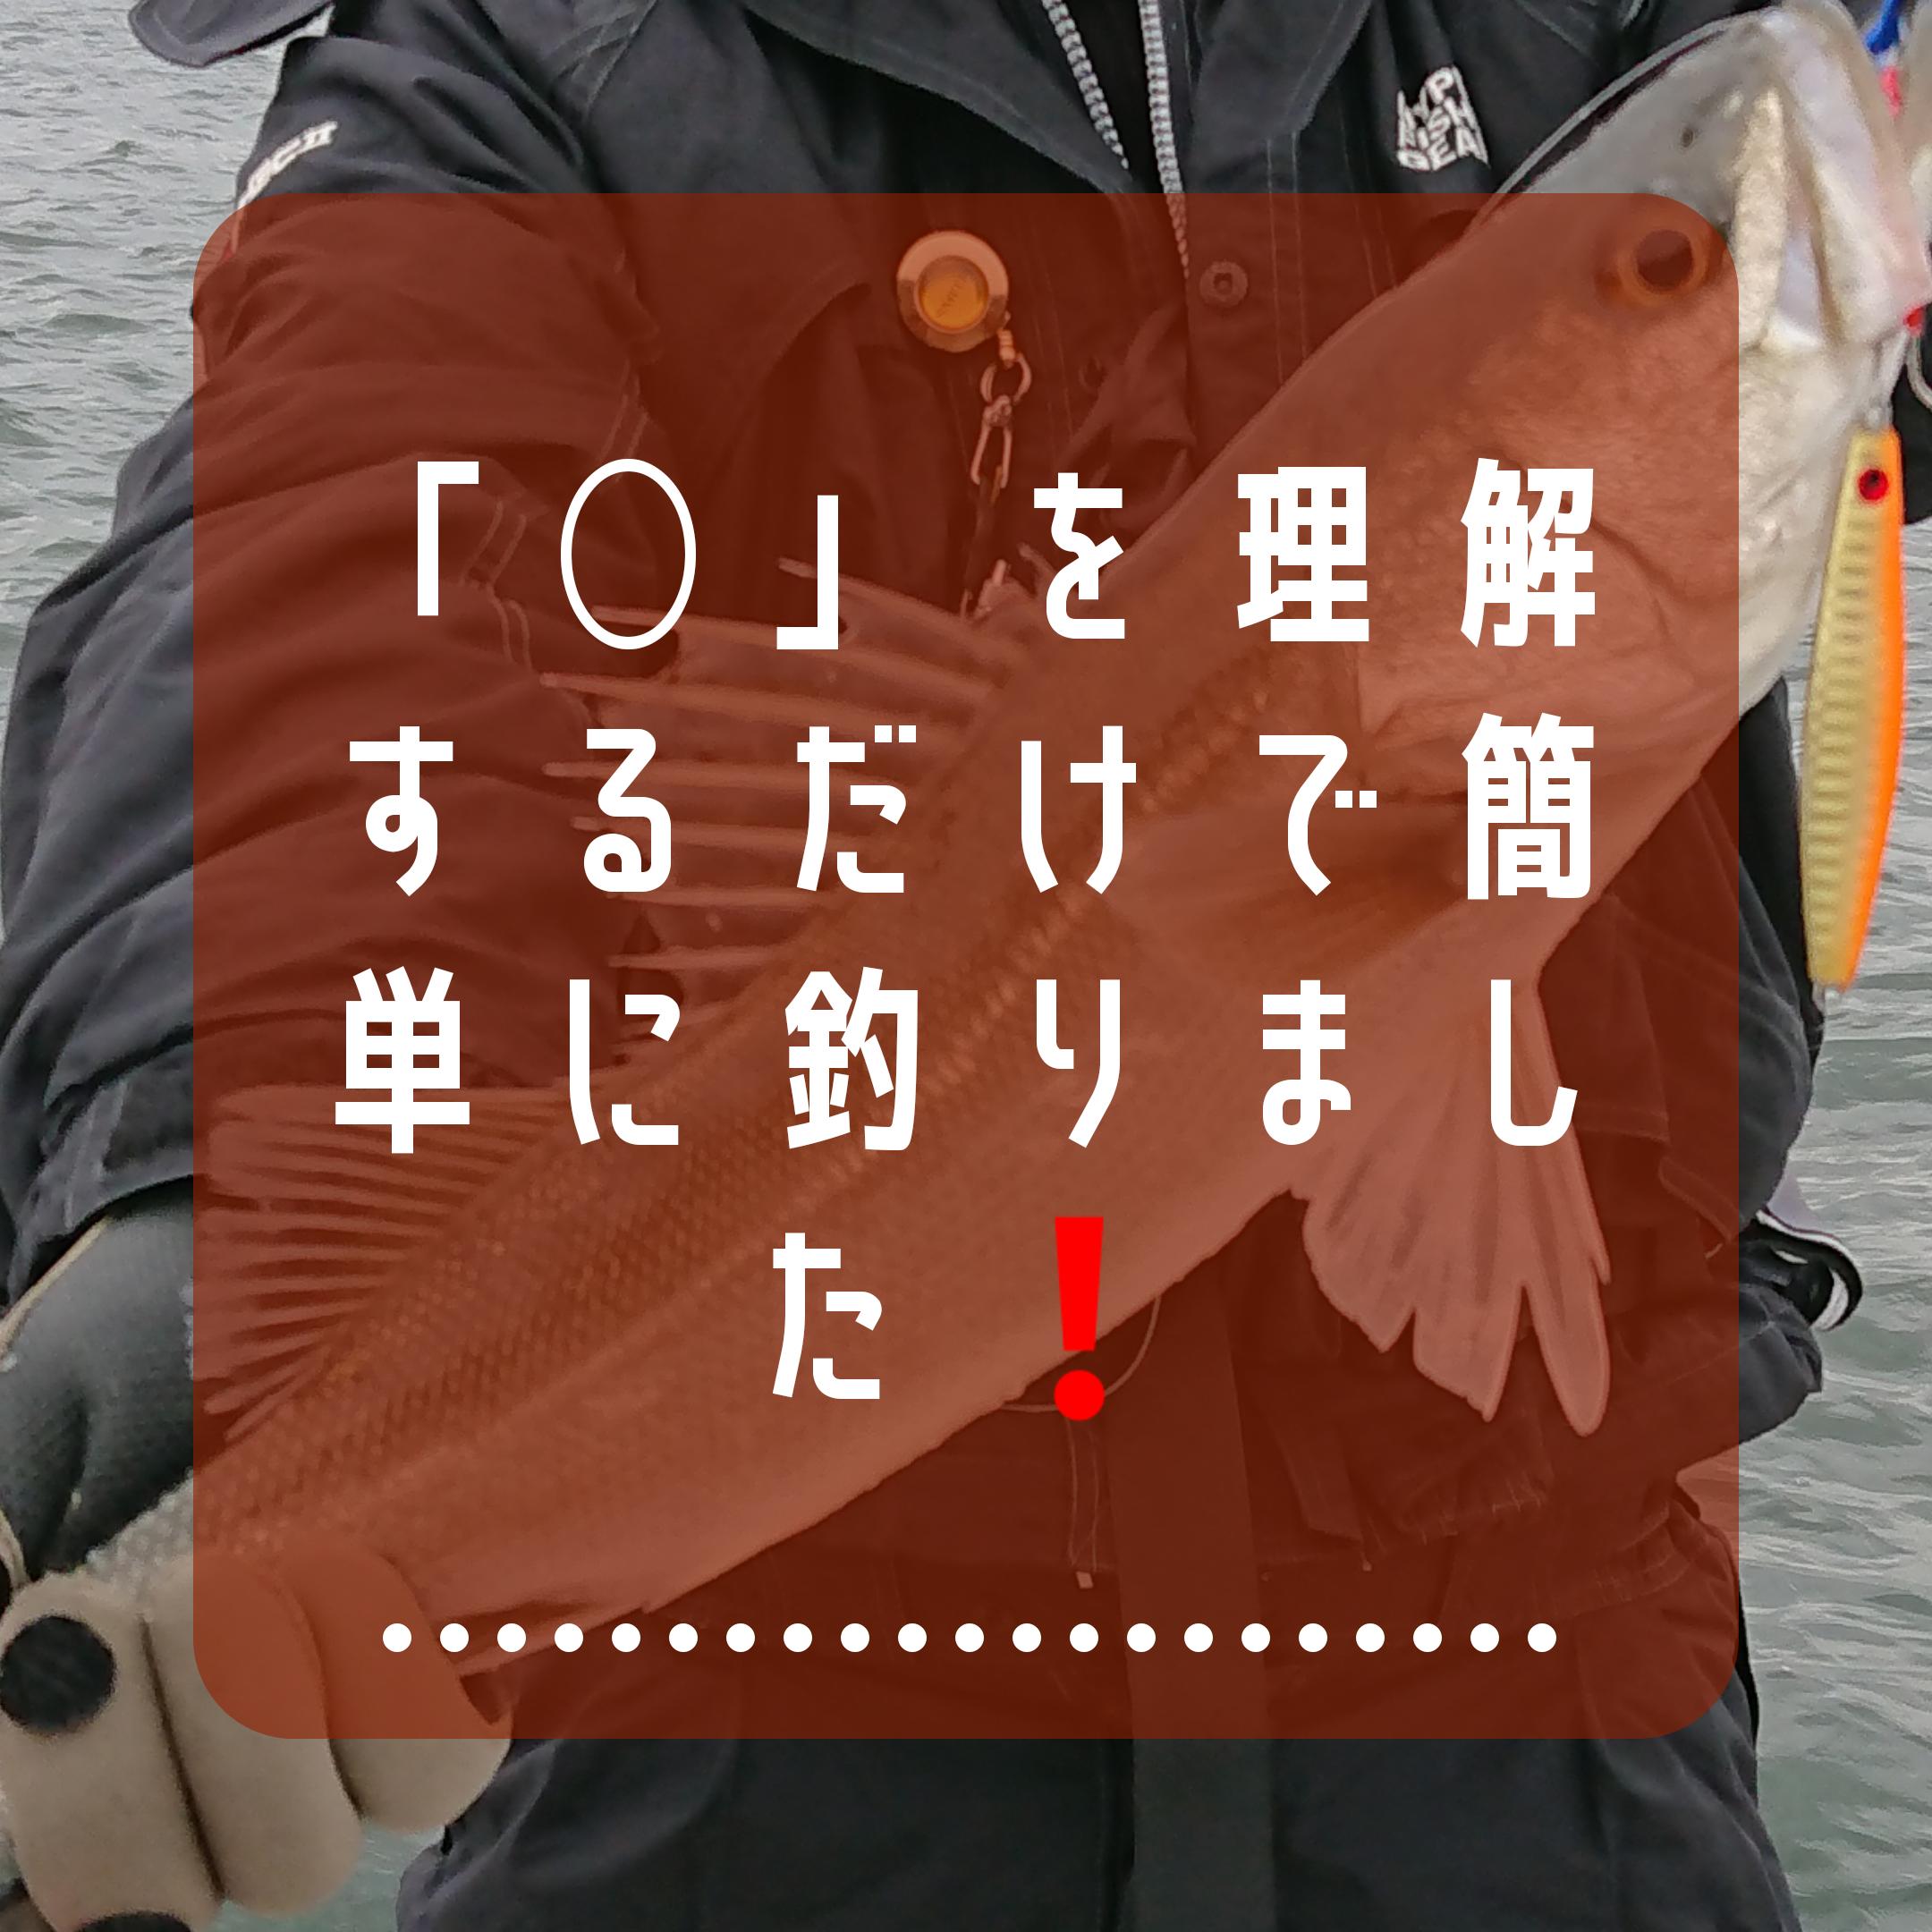 シーバスの釣り方!初心者でもおすすめの簡単な方法を紹介!